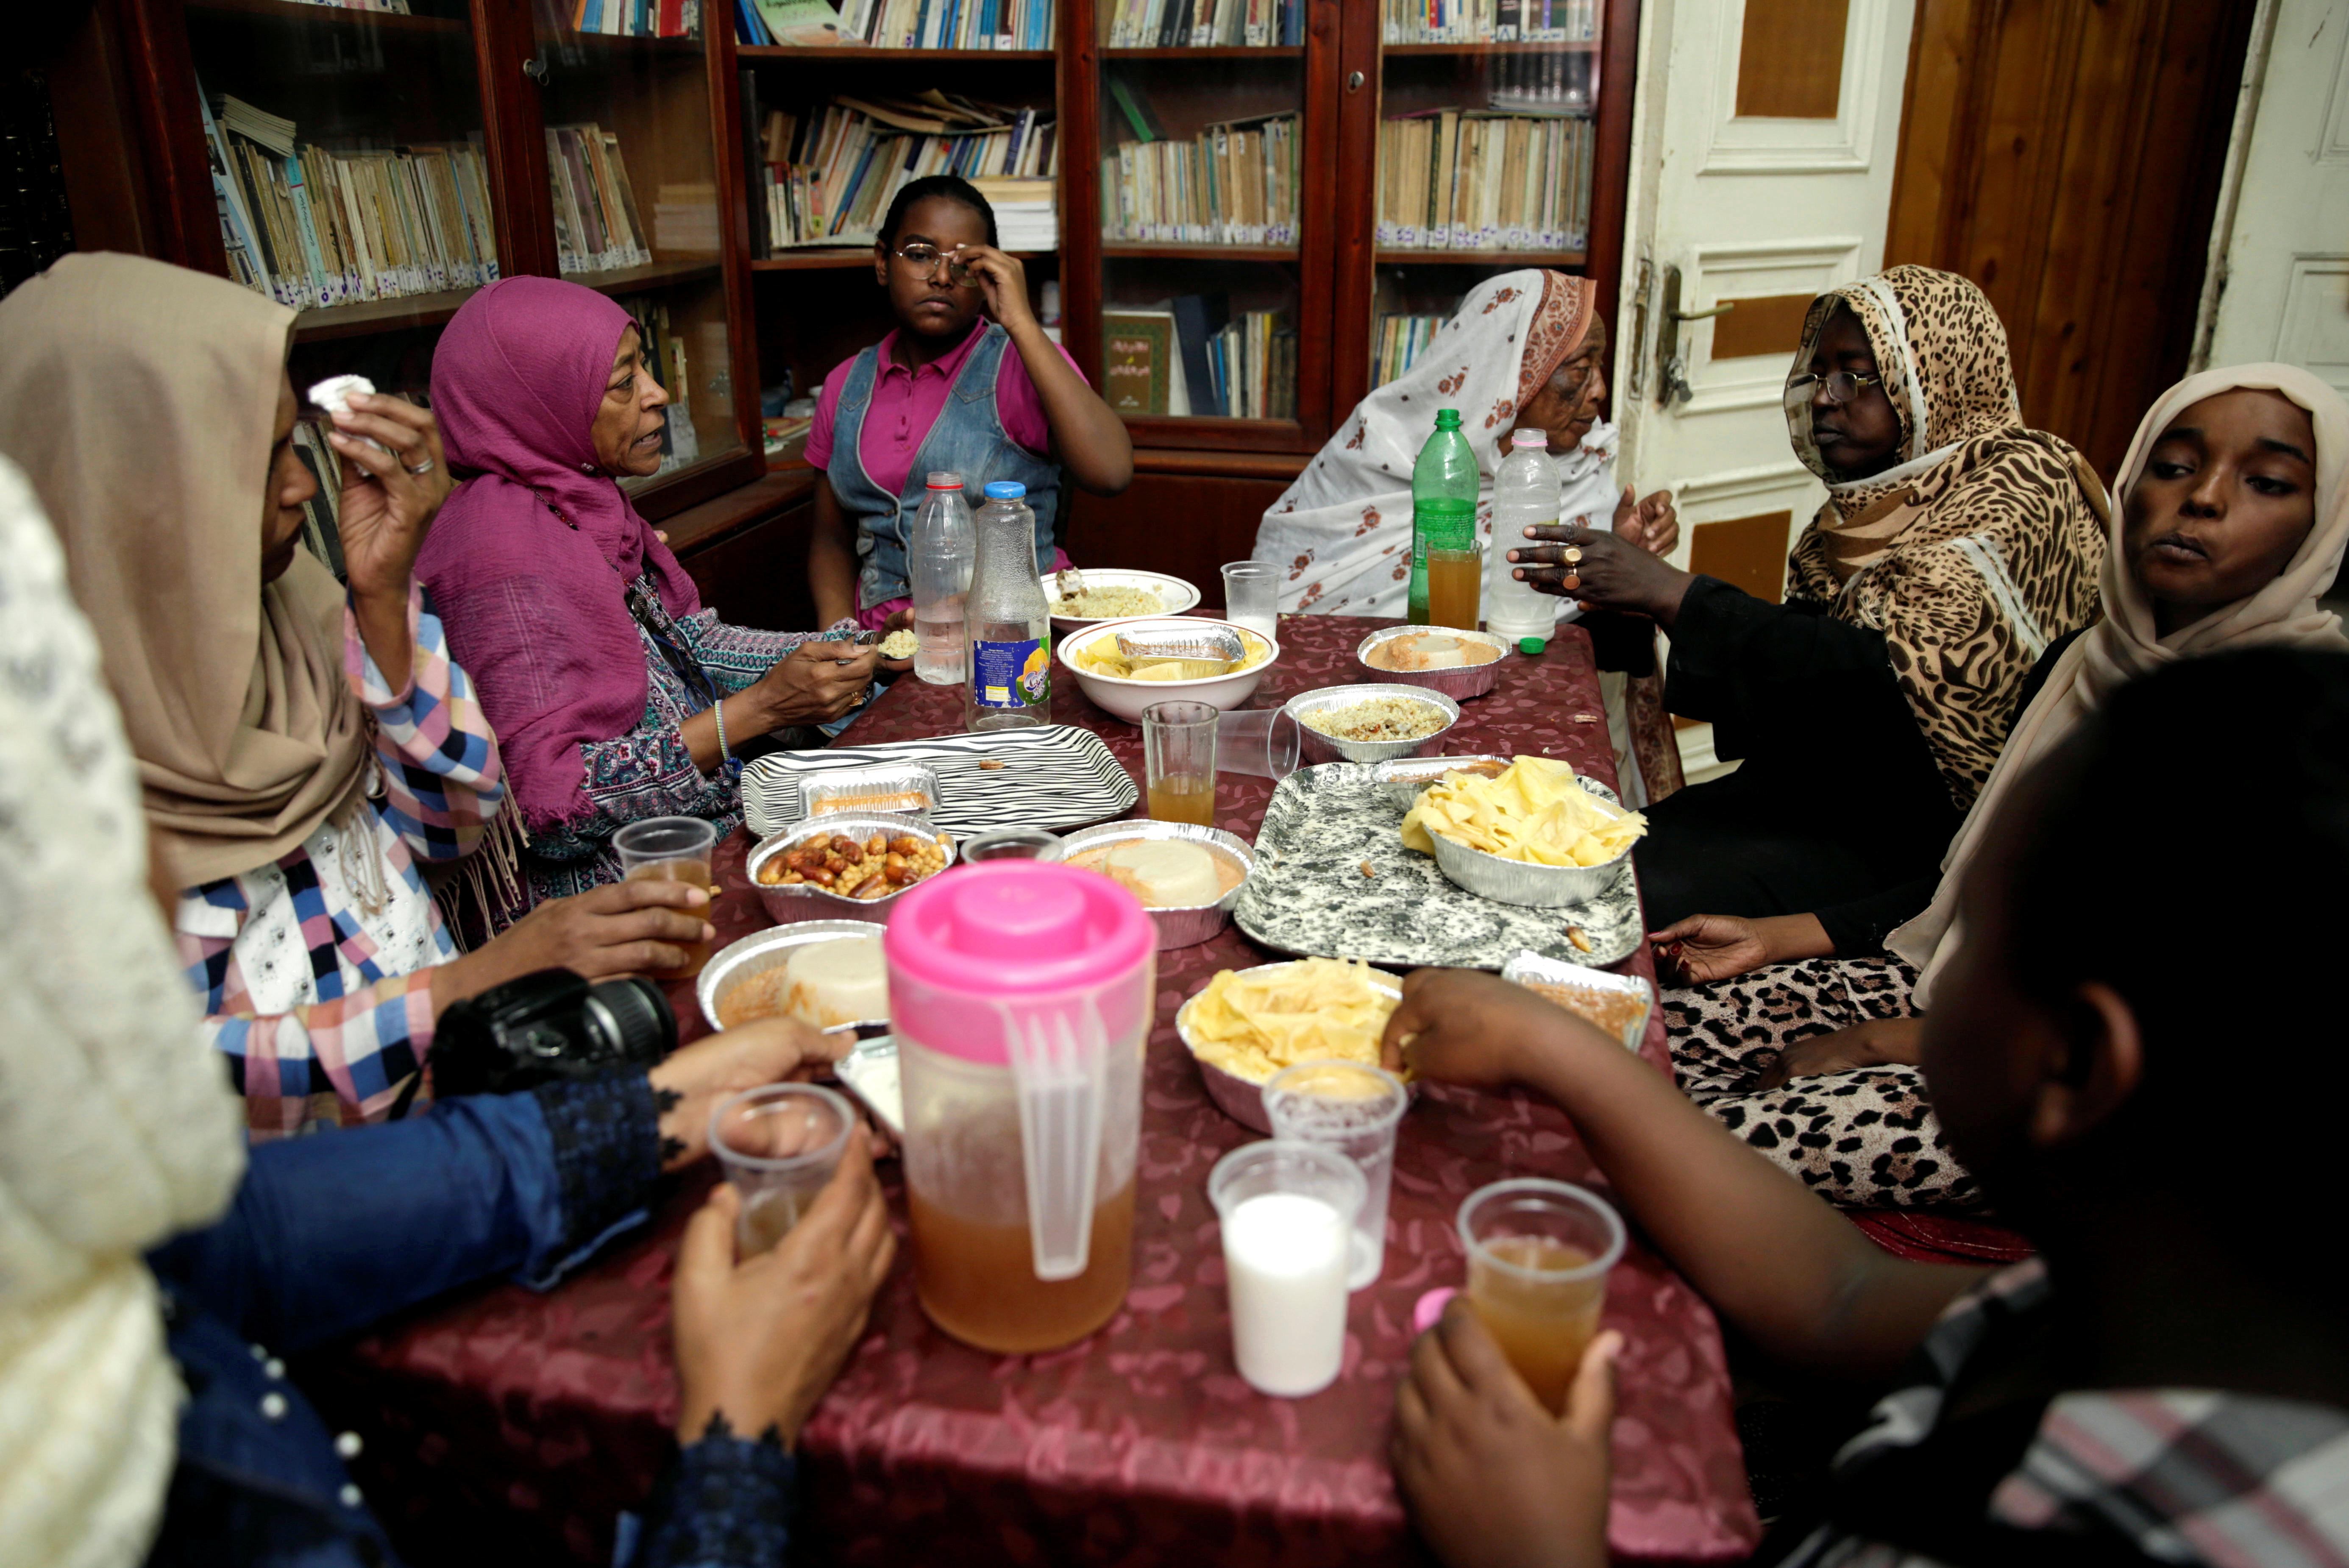 سودانيات يتناولن وجبة الإفطار في أواخر أيام رمضان